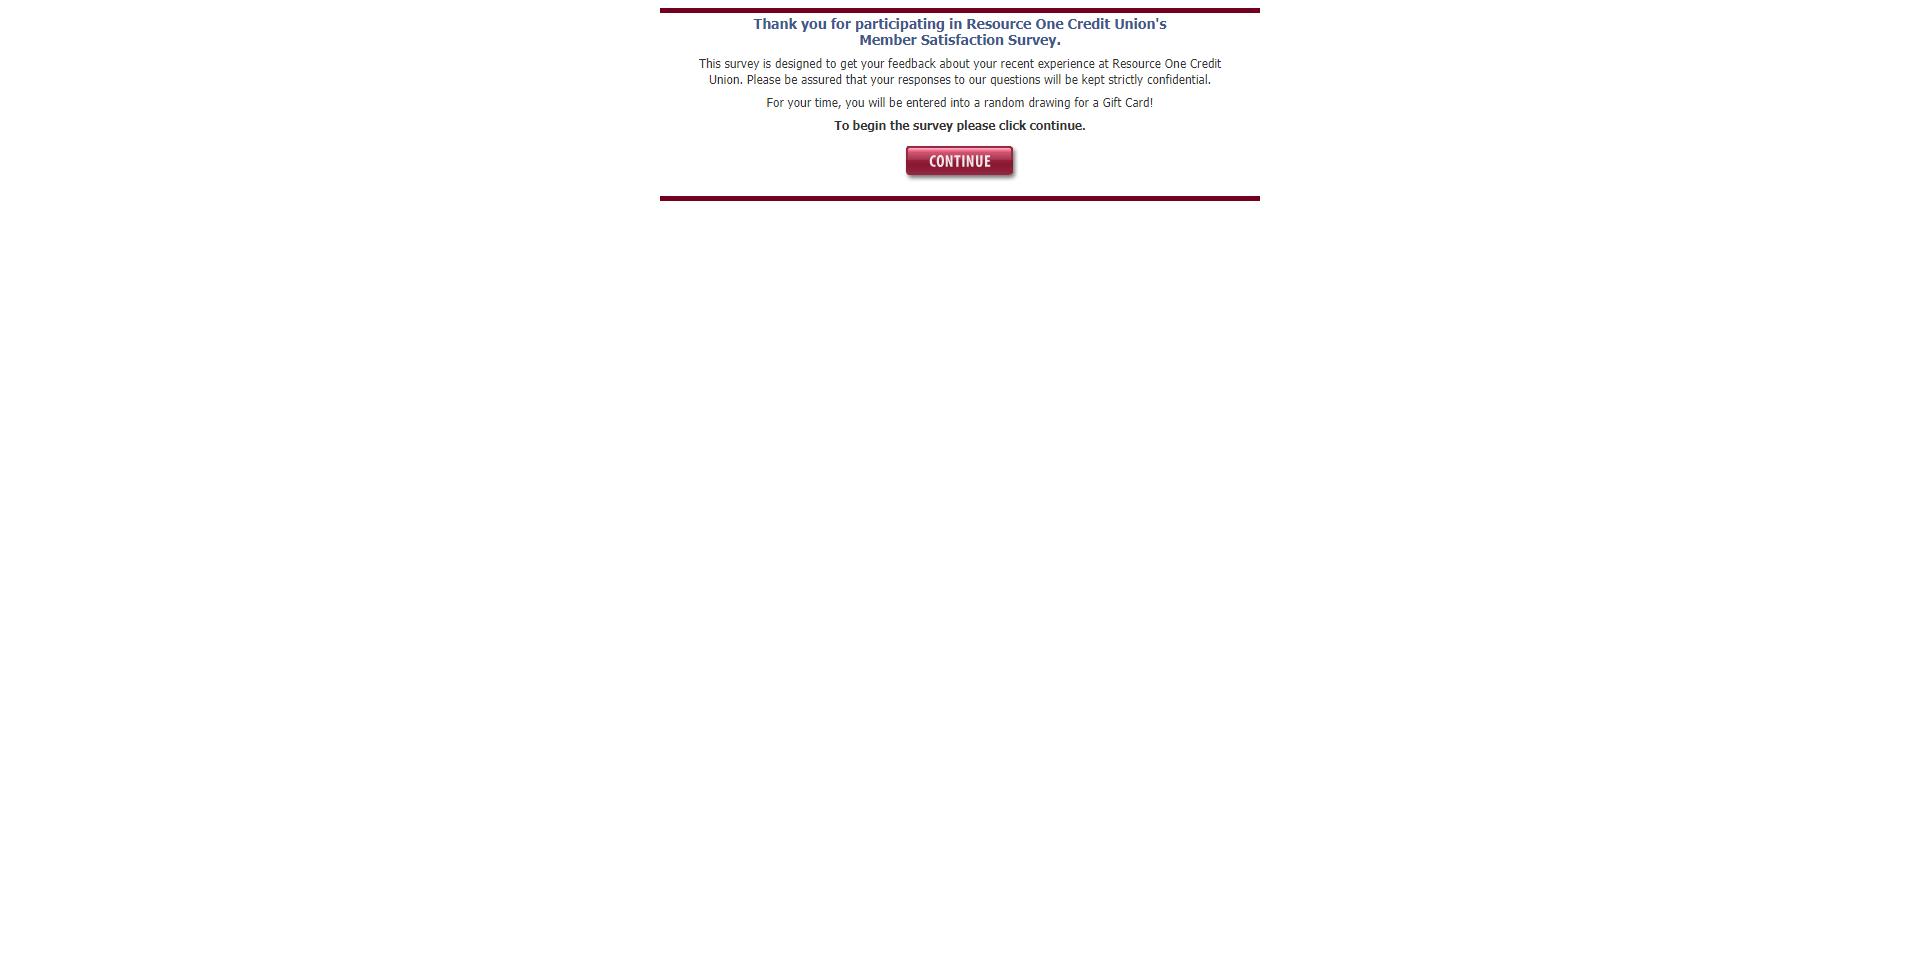 www.r1cu.org/survey/